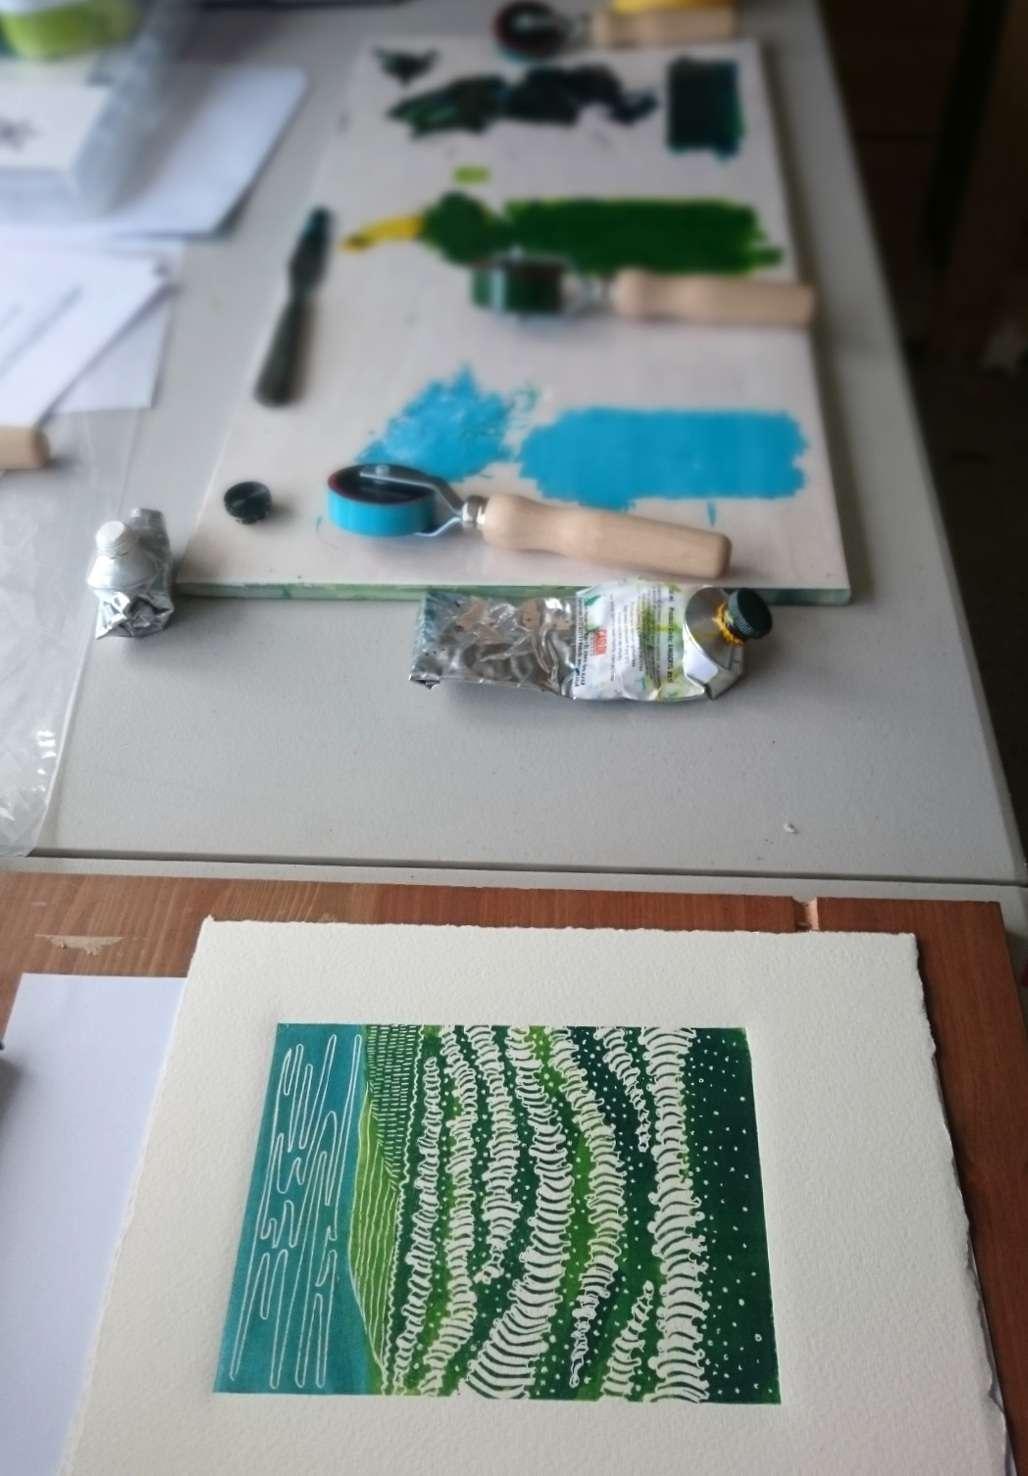 Sea Foam a lino print by Jo Degenhart